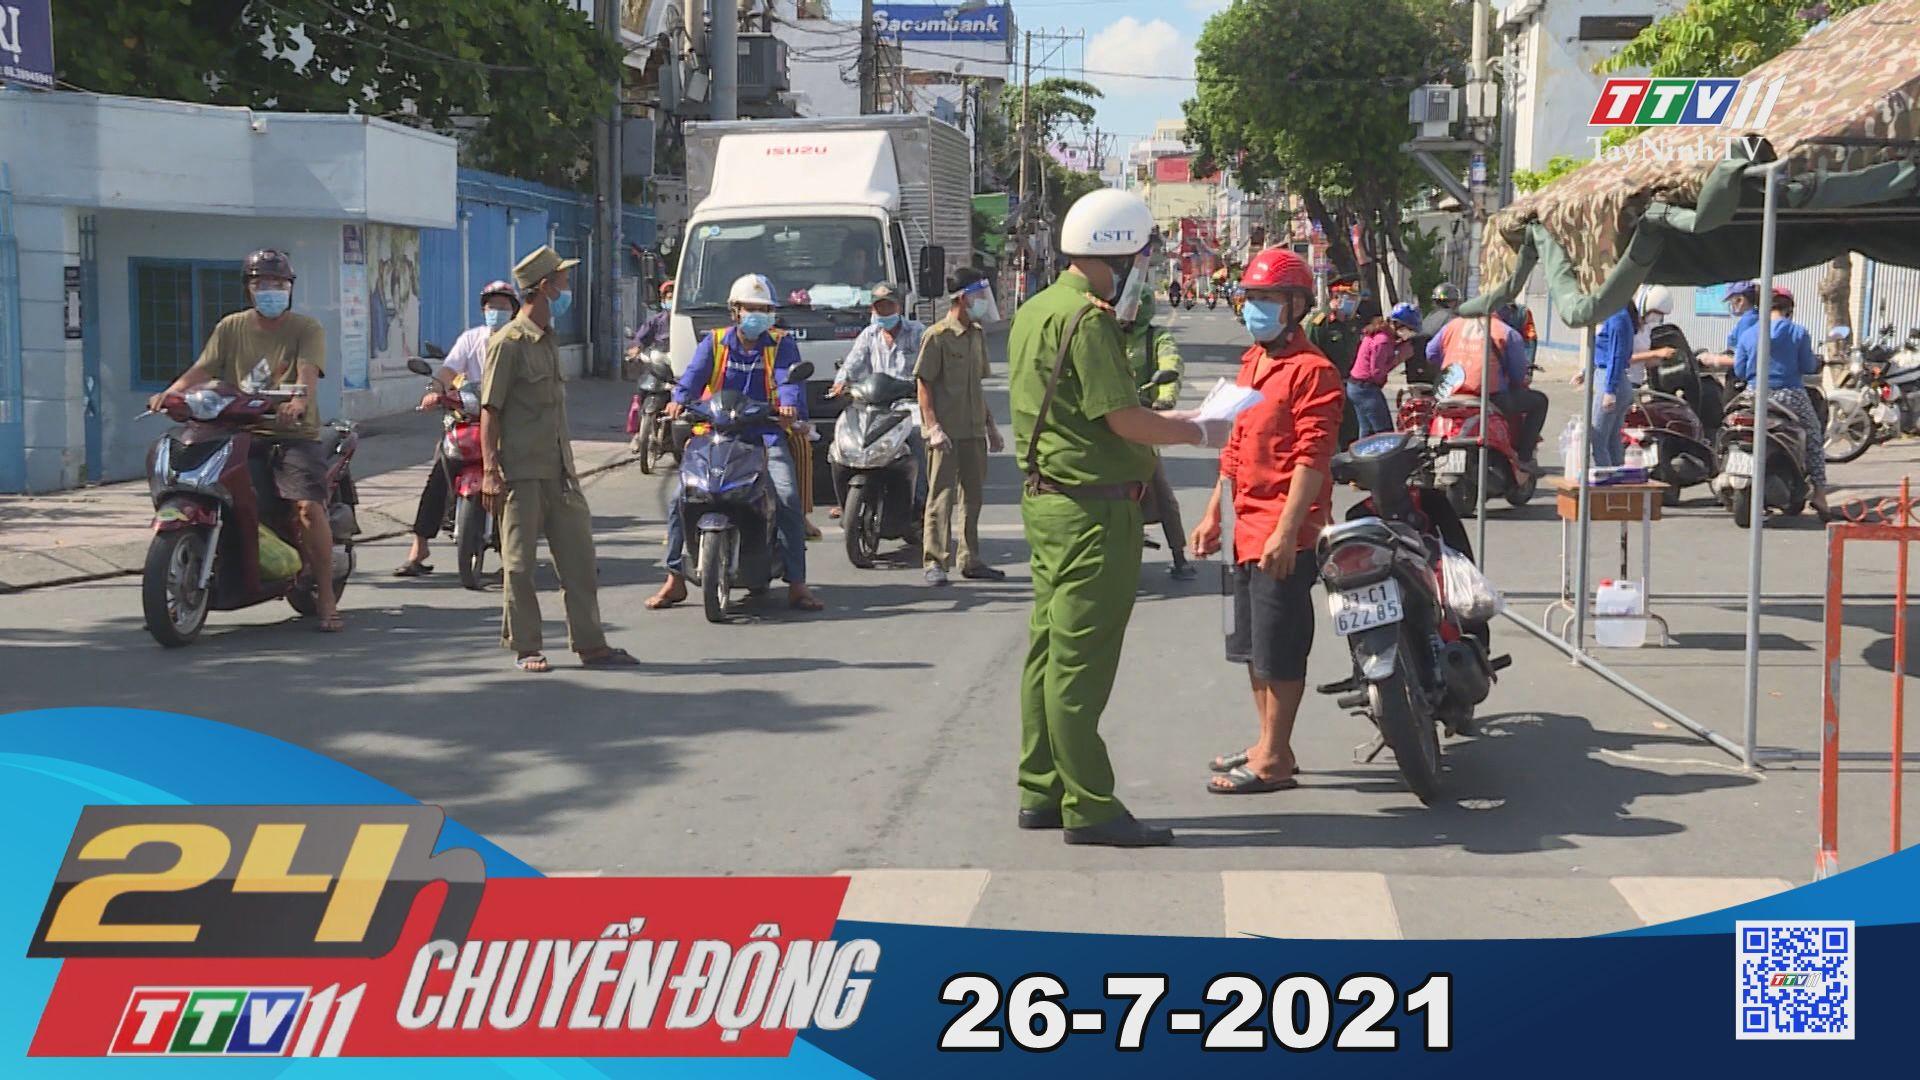 24h Chuyển động 26-7-2021 | Tin tức hôm nay | TayNinhTV